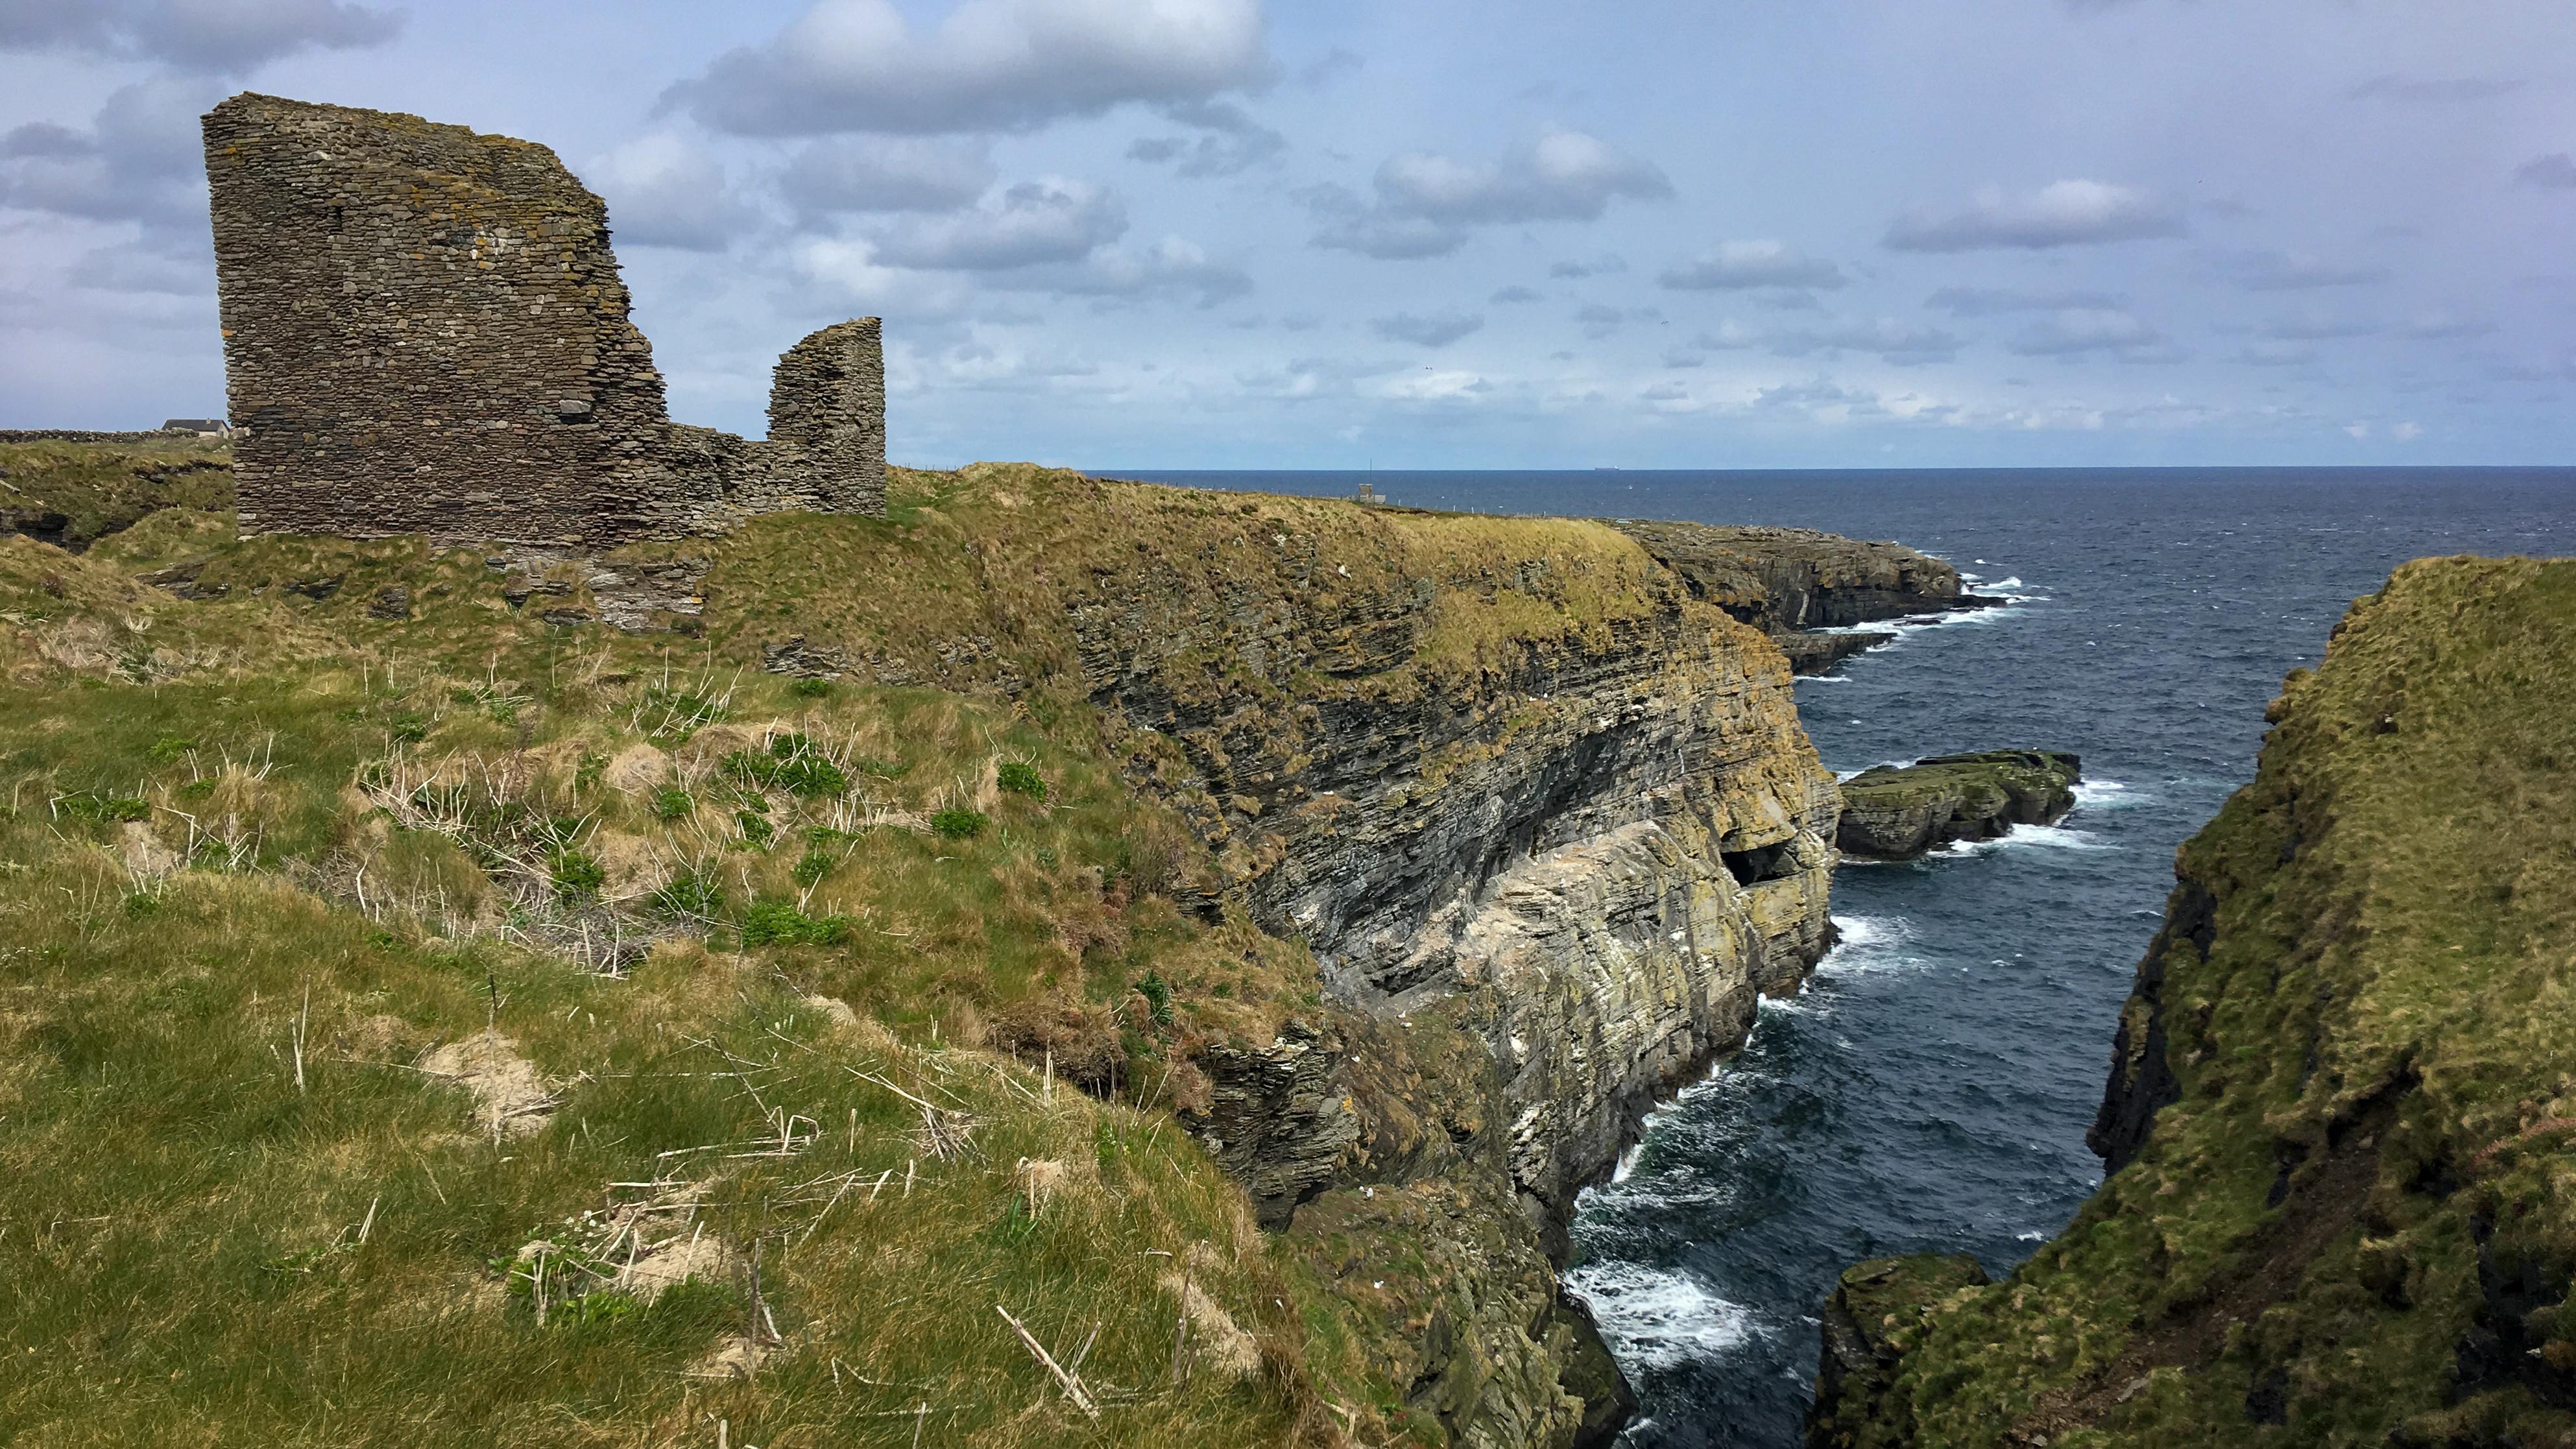 Klippenmit den Ruinen des Castle of Wick